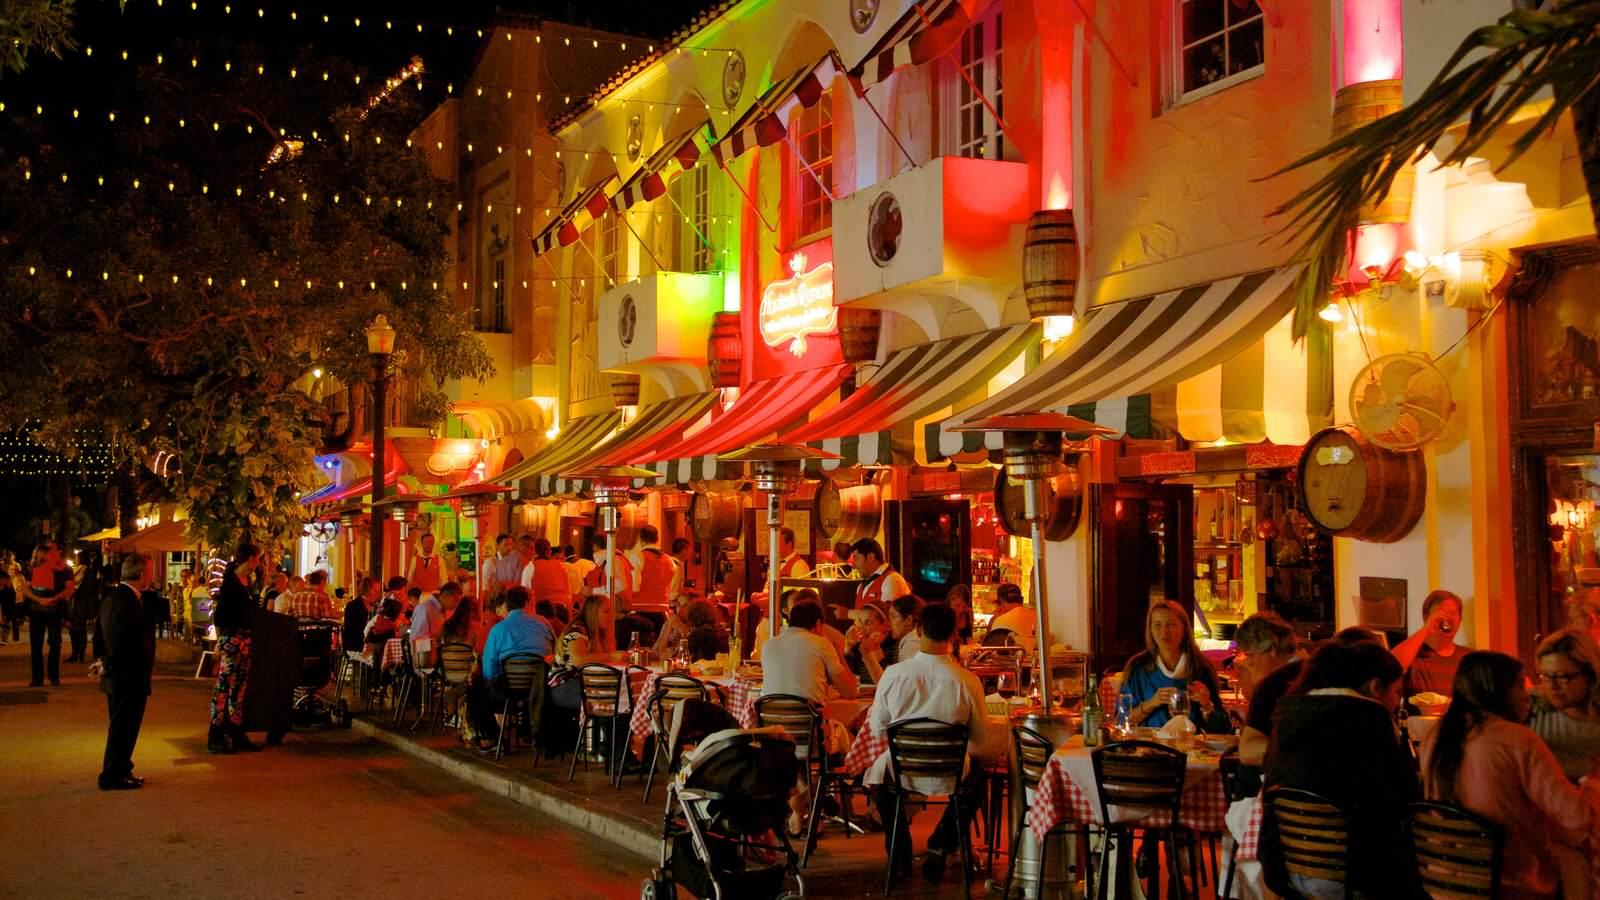 Roteiro de 3 dias em Miami 12 dicas Viaje Global